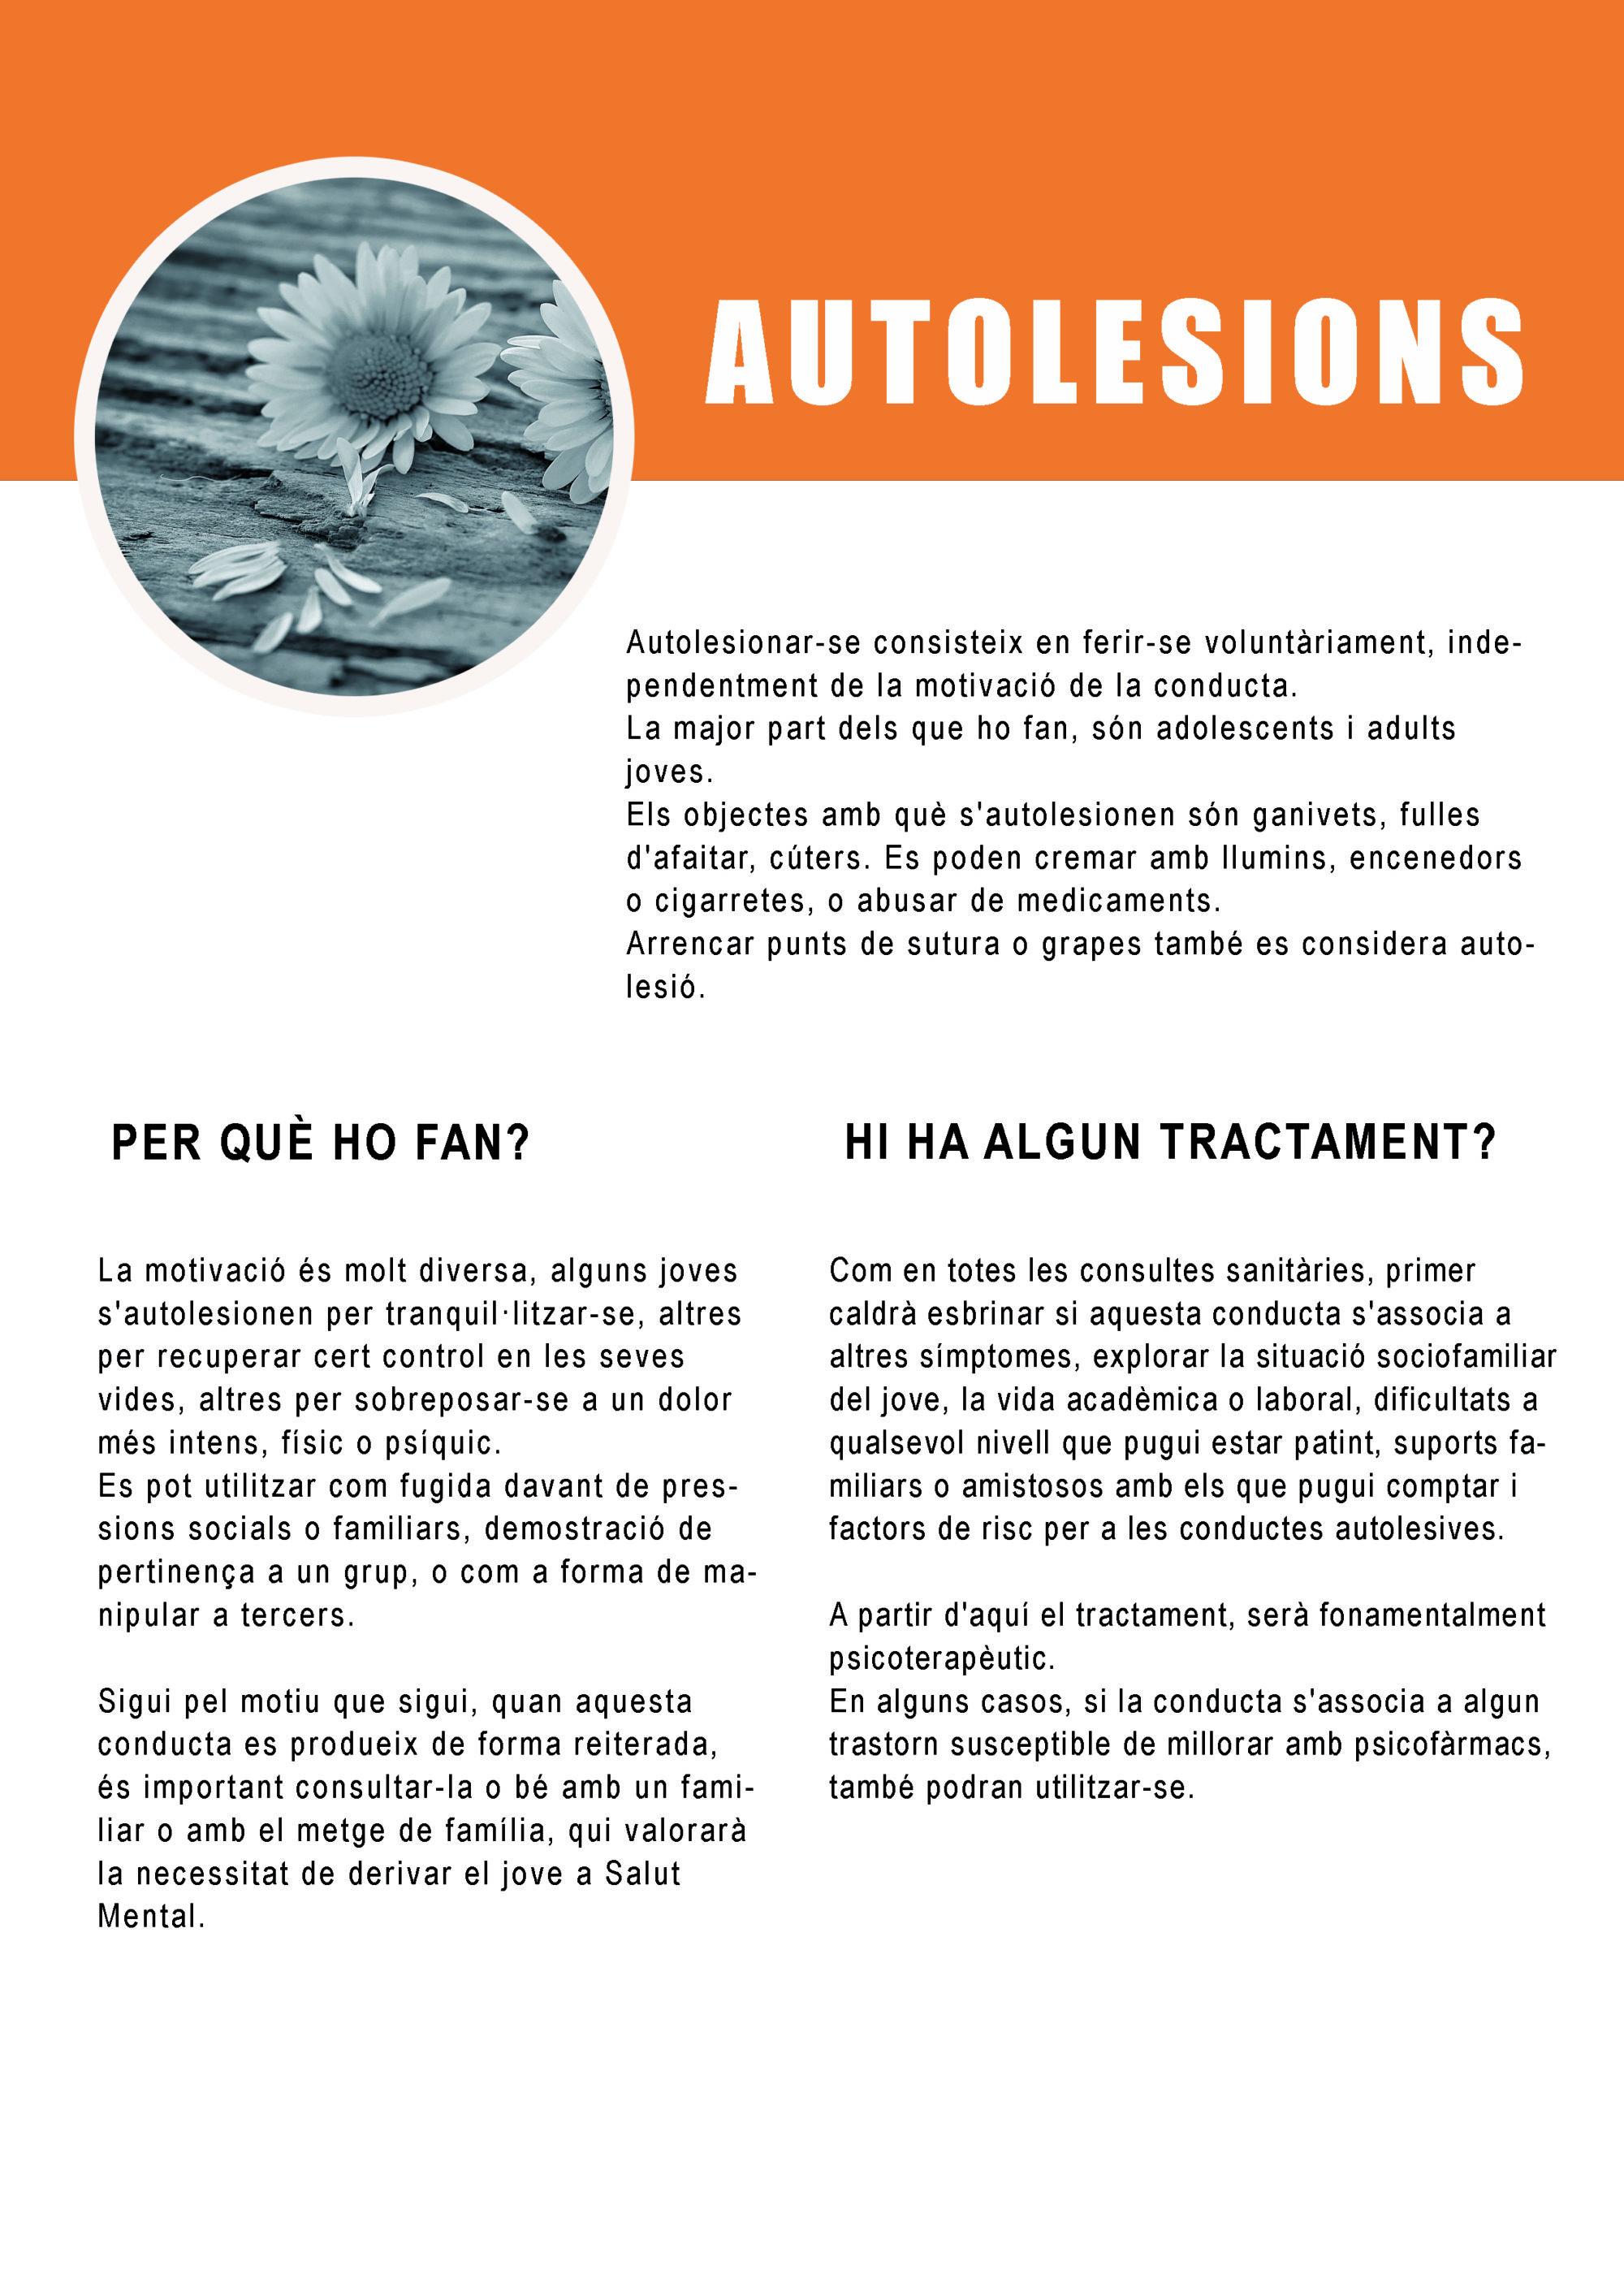 AUTOLESIONS